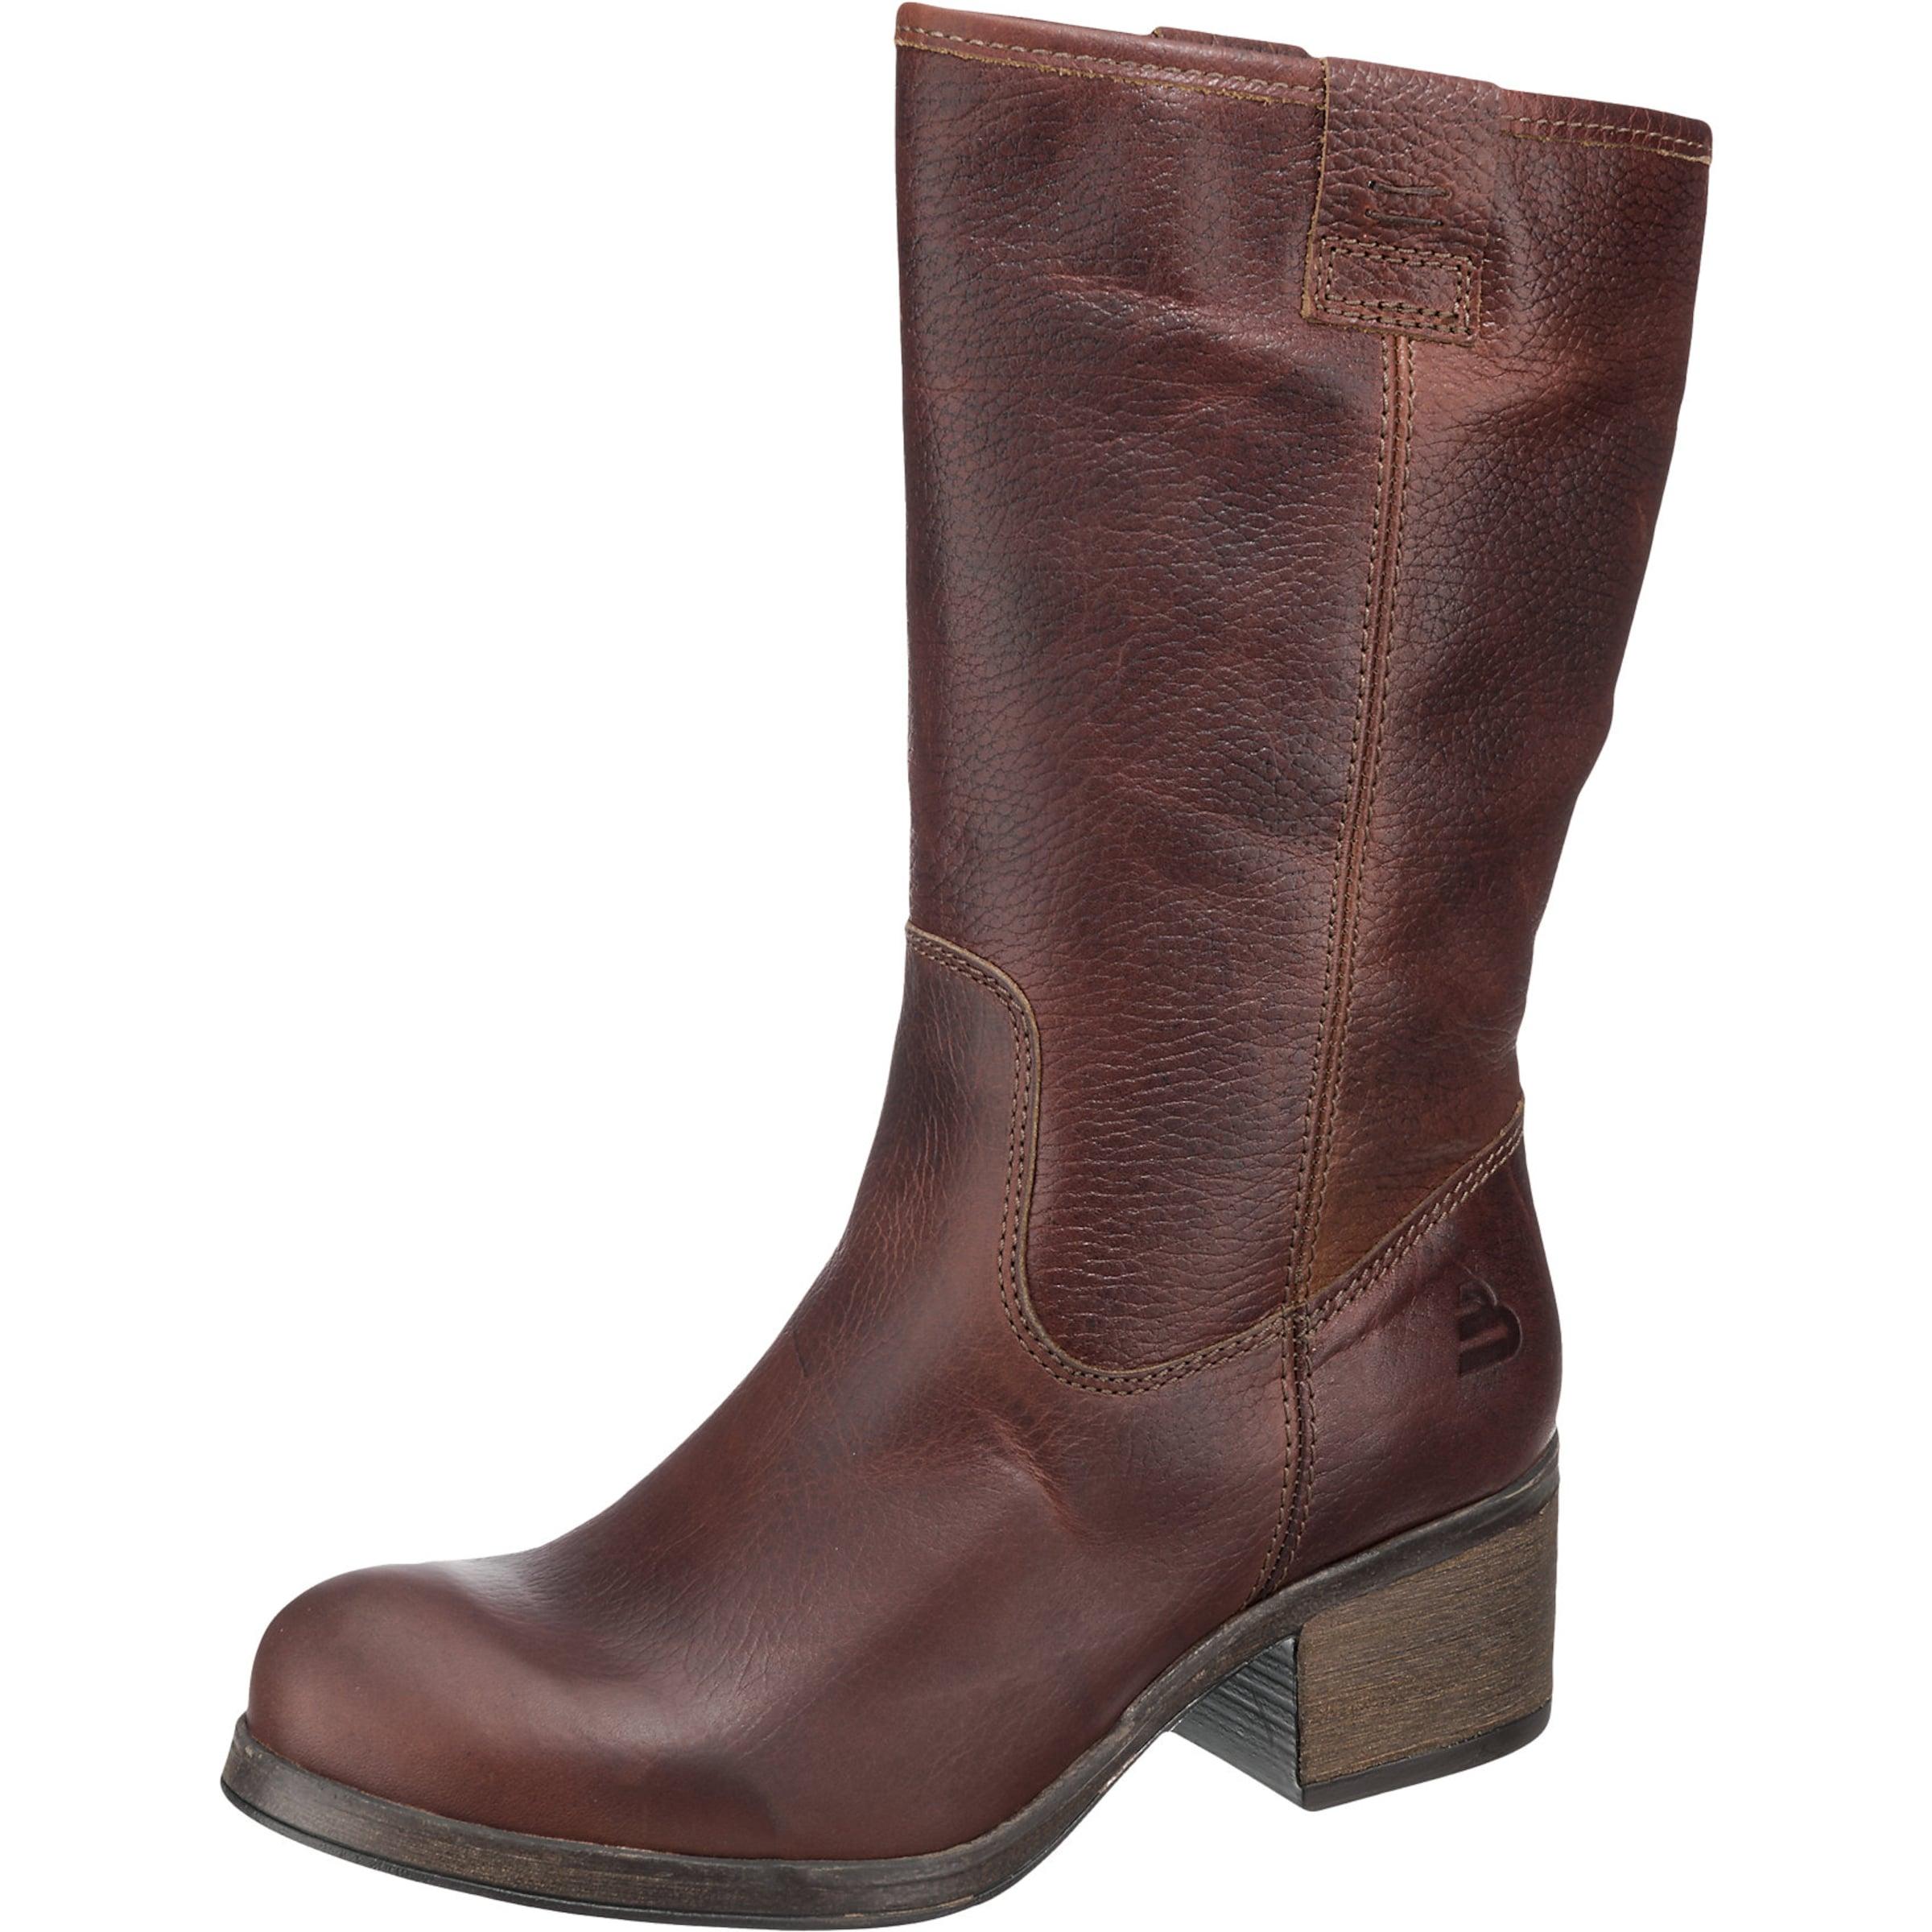 BULLBOXER Stiefel Günstige und langlebige Schuhe